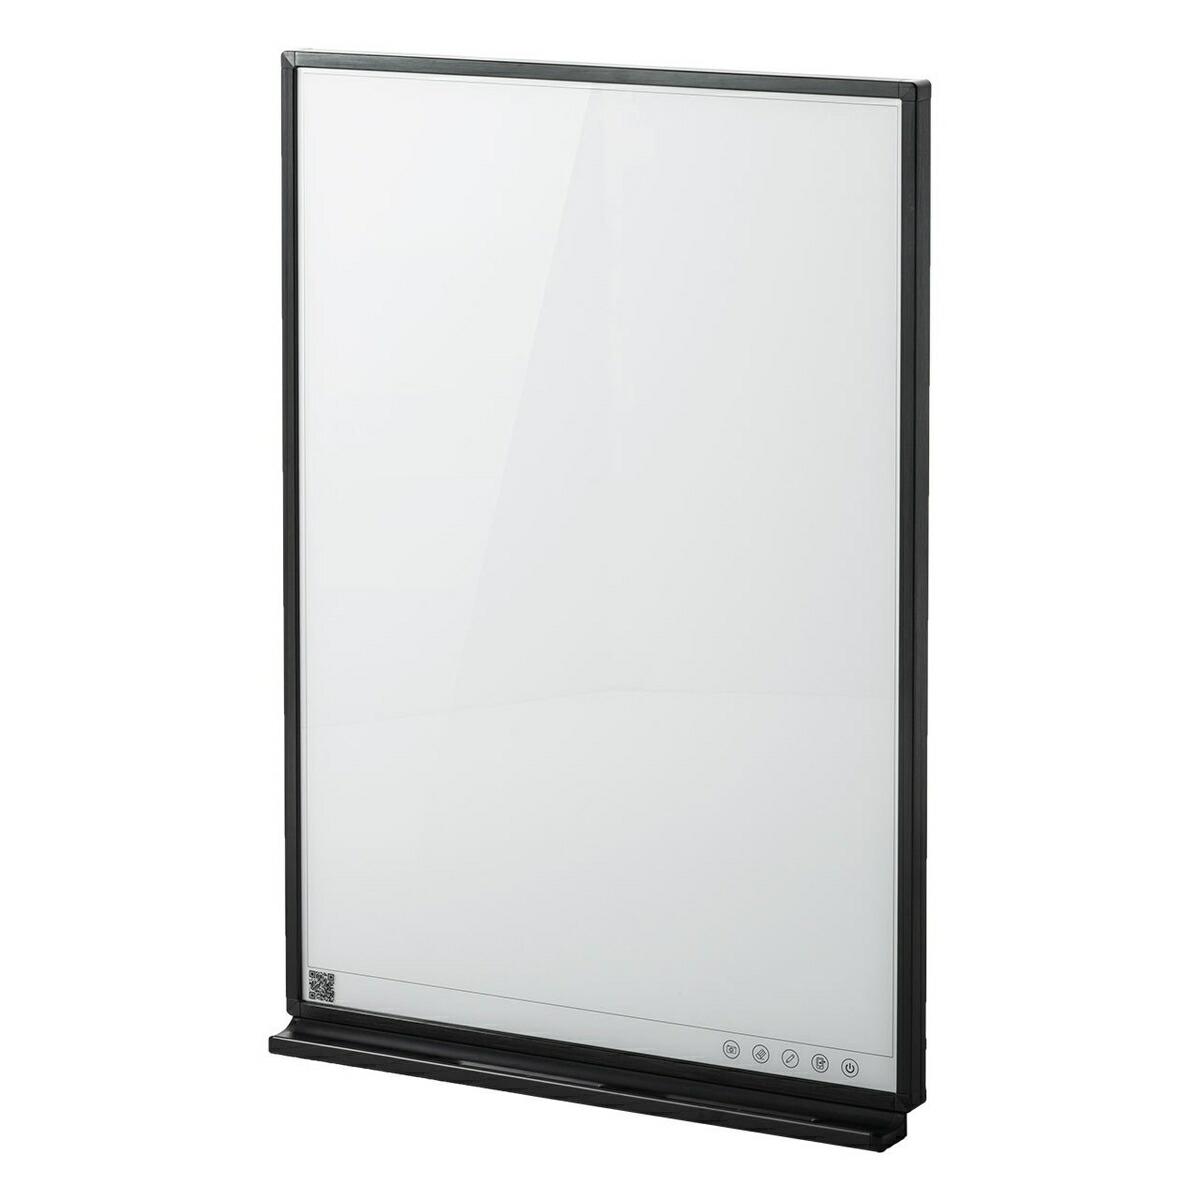 電子ホワイトボード(ホワイトボード・板書・デジタル保存・アプリ連動・壁掛け)[400-MEDIWB1]【サンワダイレクト限定品】【送料無料】